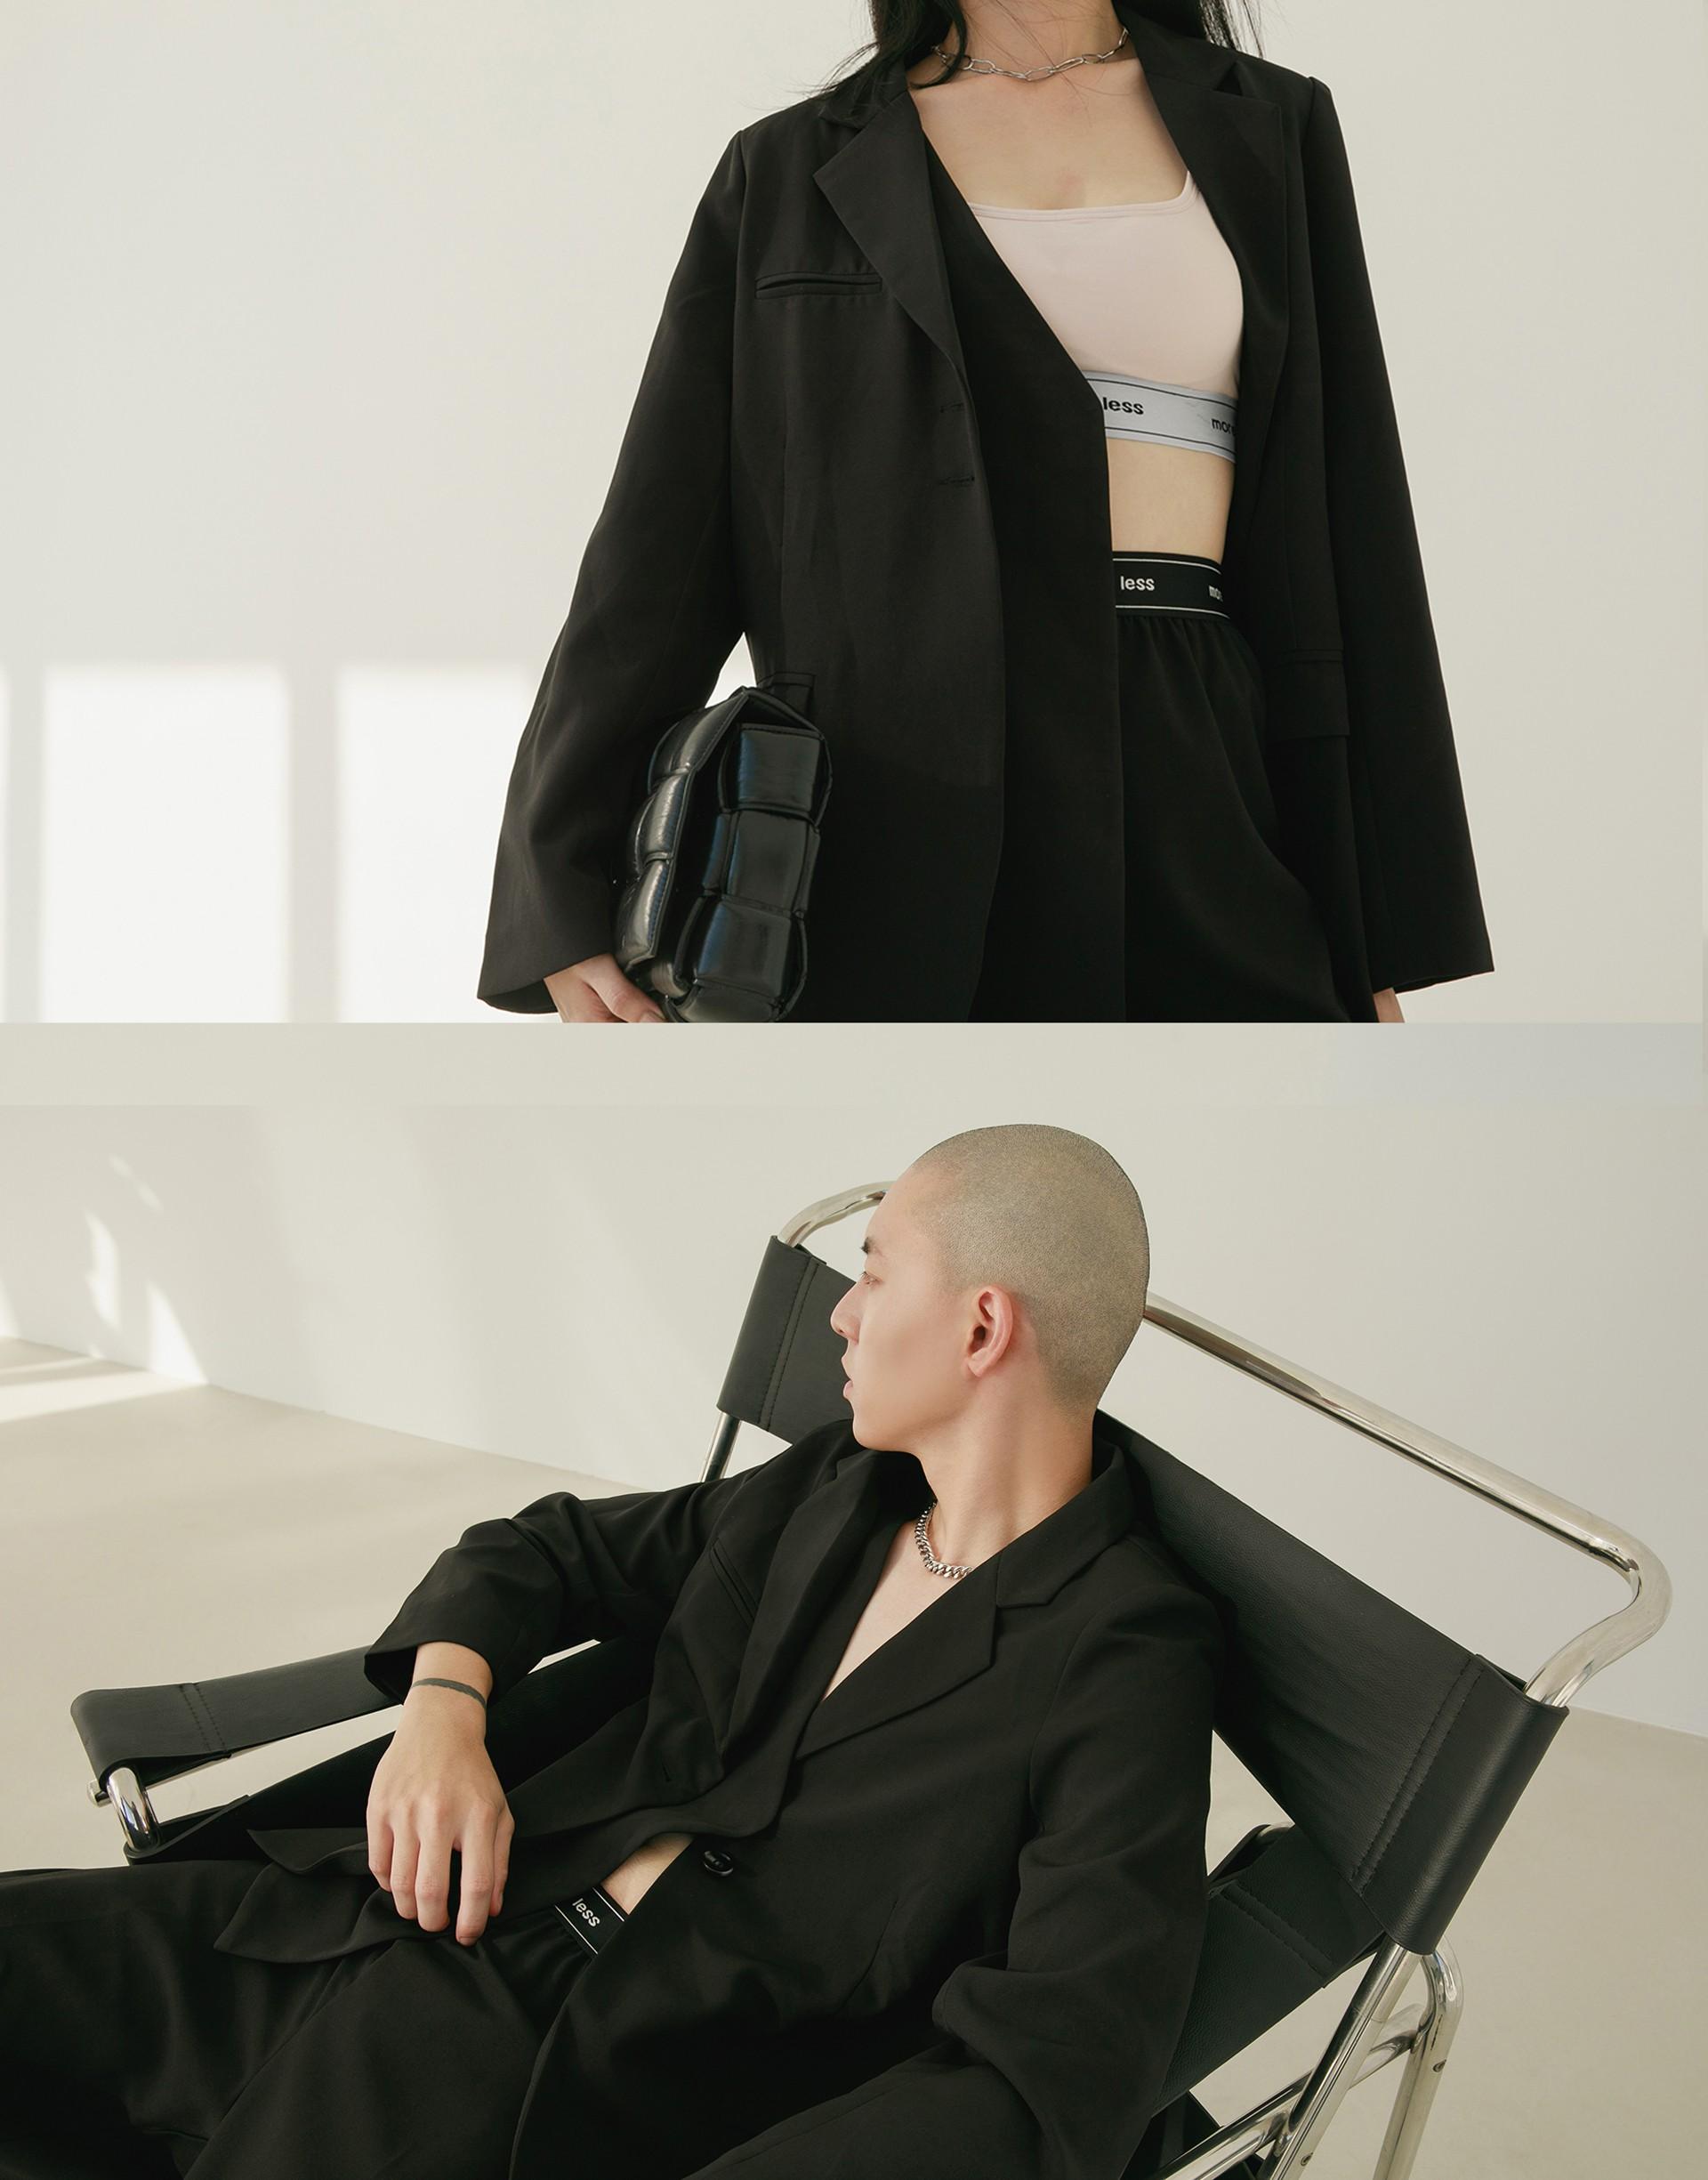 質感挺度布料/前面內部不對稱單層造型/左胸內袋設計/兩側有口袋/薄墊肩修飾肩型/後下擺開岔設計